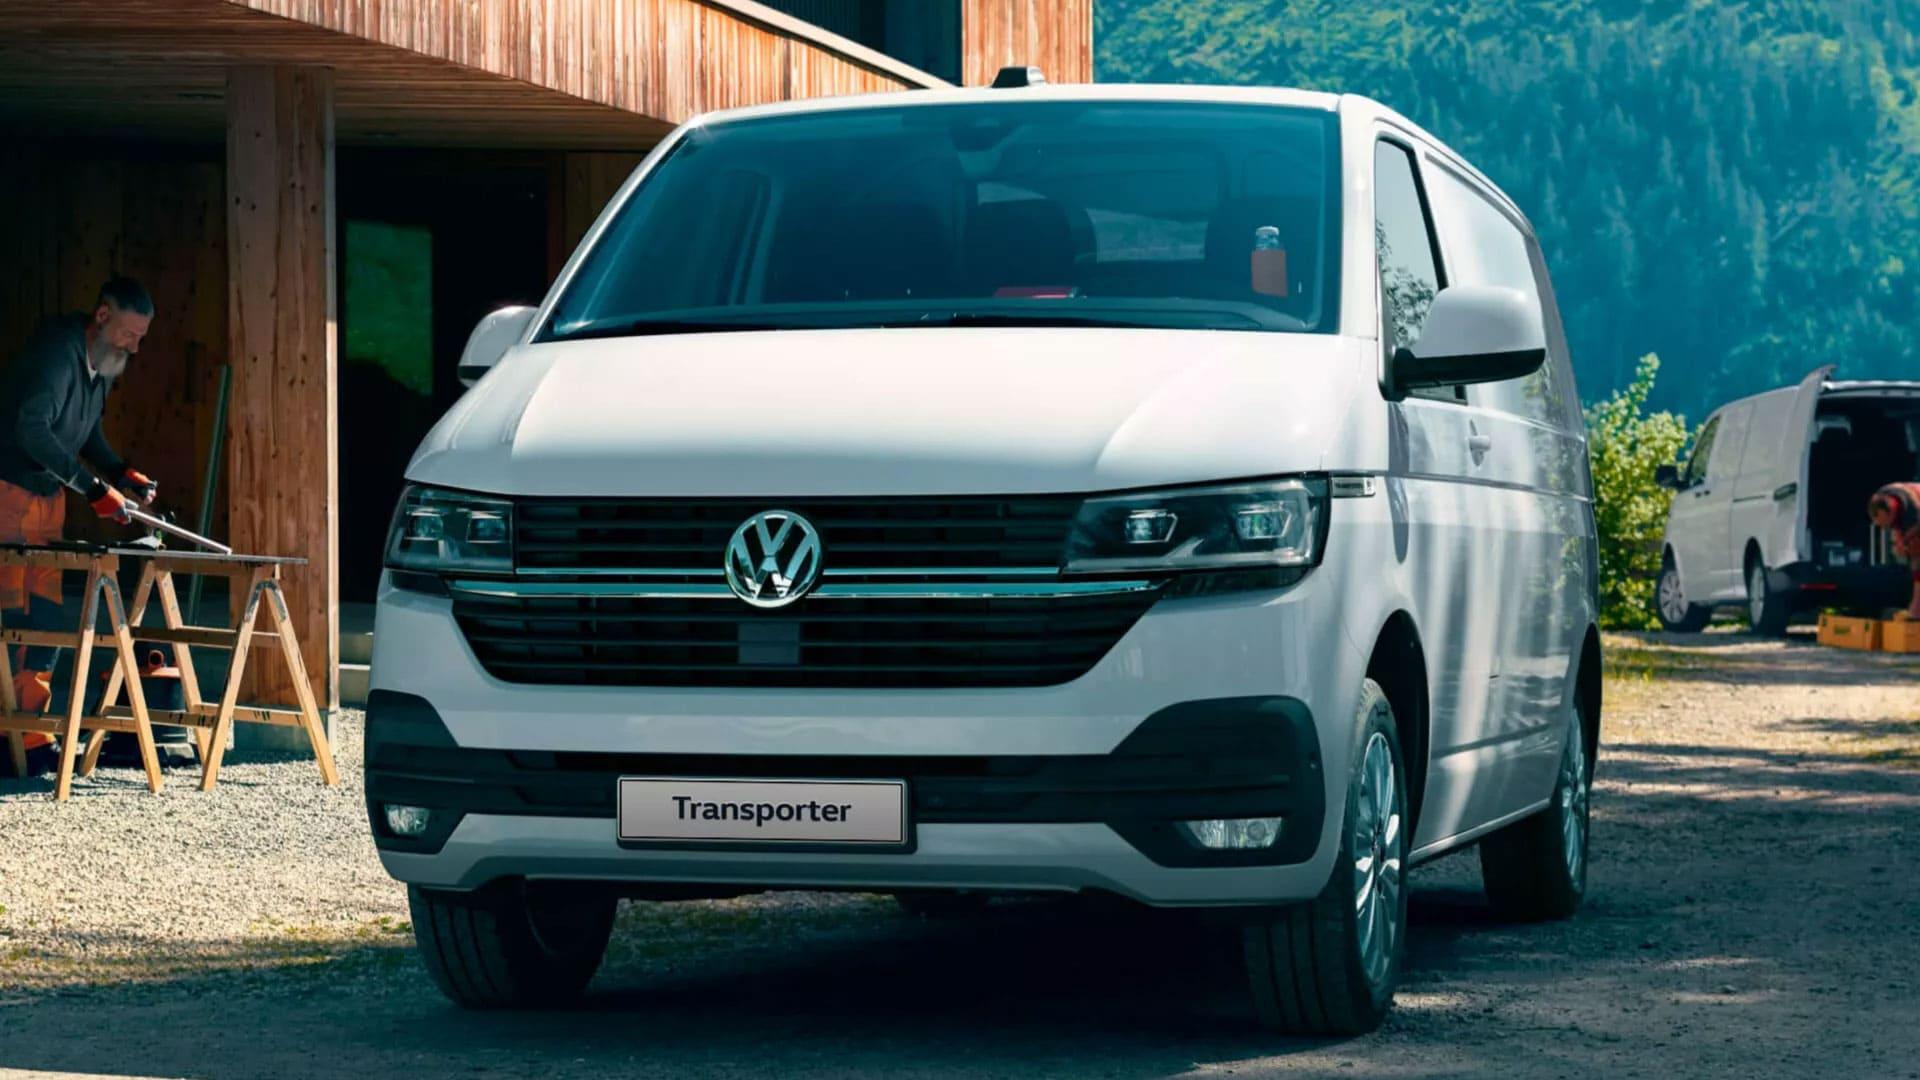 Купить новый транспортер в москве у официального дилера цена ремонт транспортер т4 форум